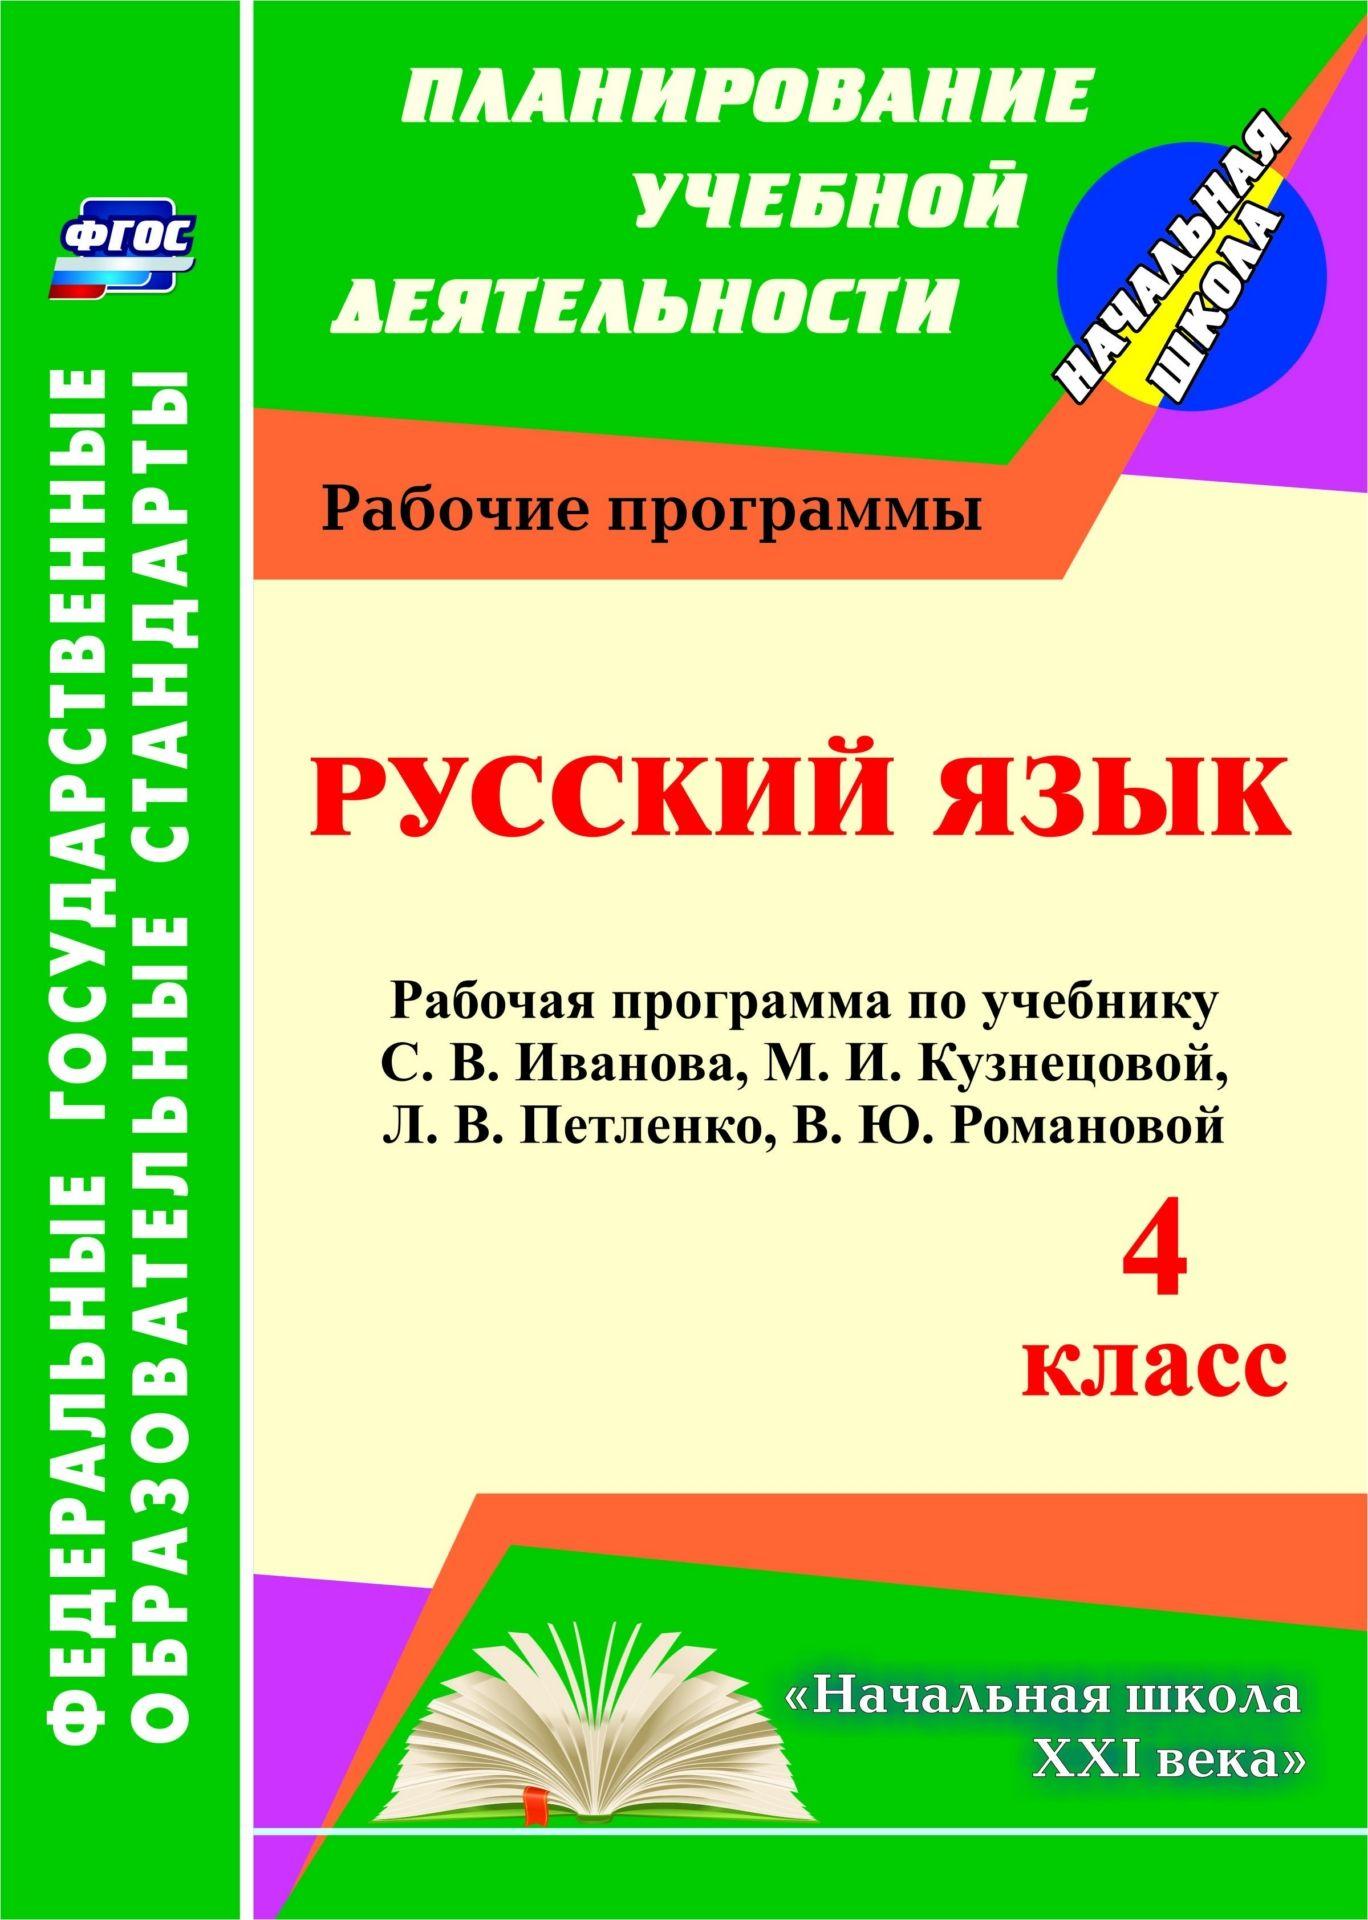 Учебник По Английскому МВ Григорьева О Ю Гурко